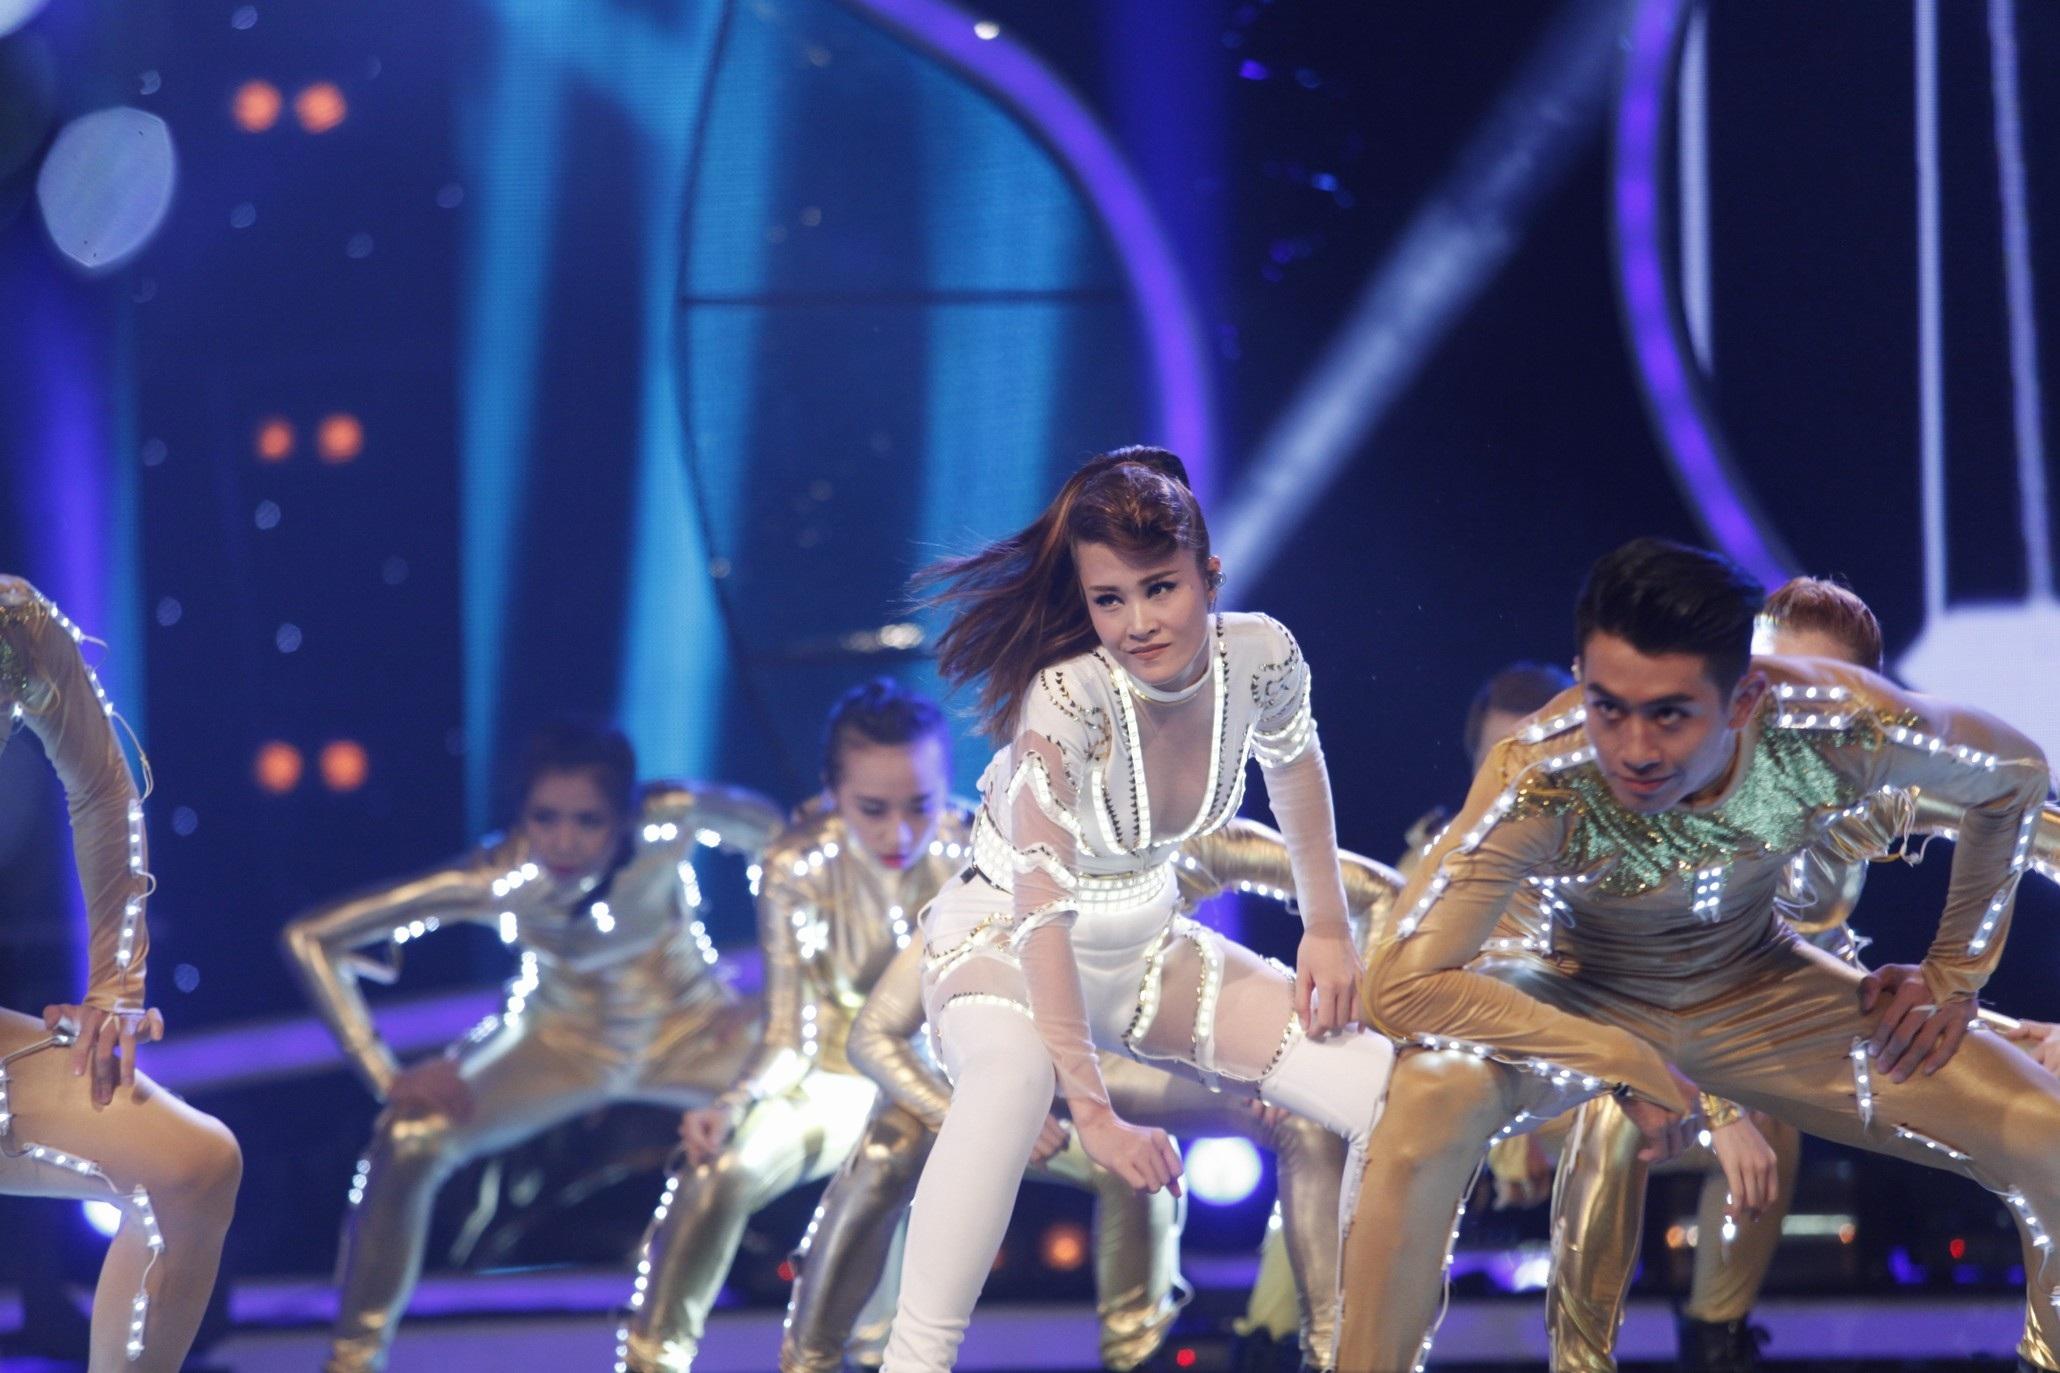 Đông Nhi sôi động cùng vũ đoàn trong ca khúc Hot